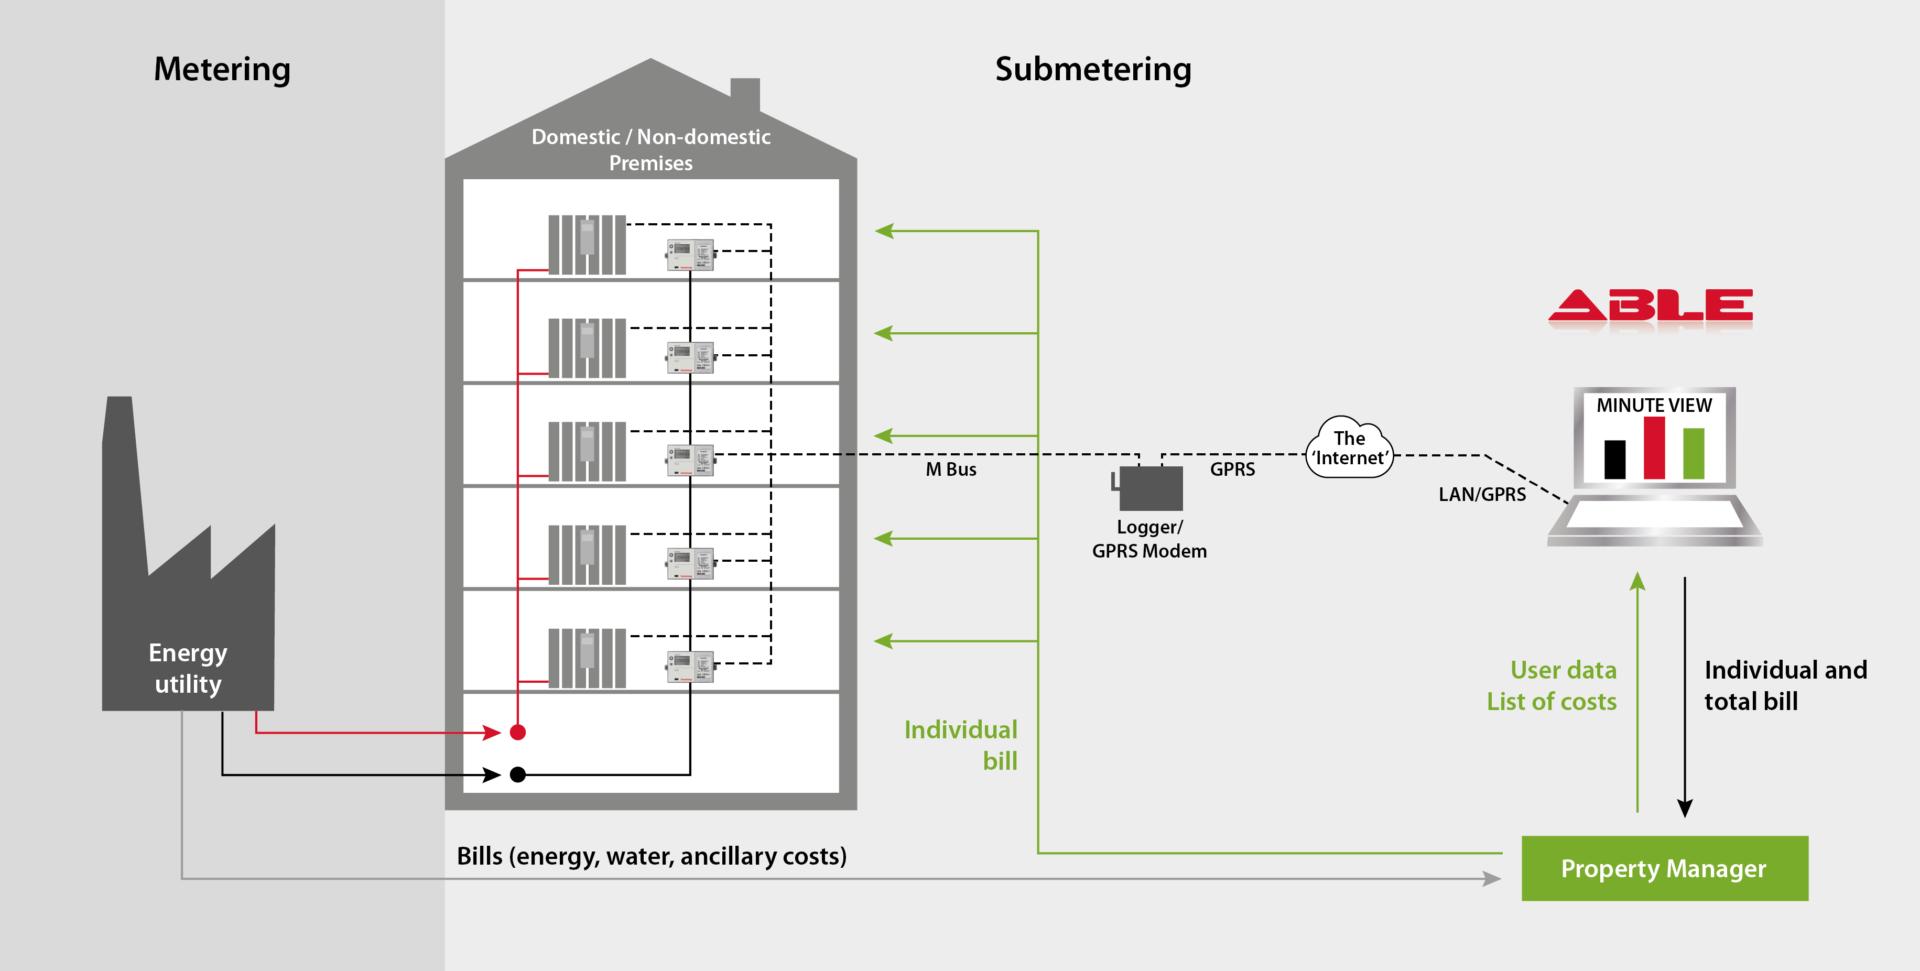 able-energy-metering-diagram